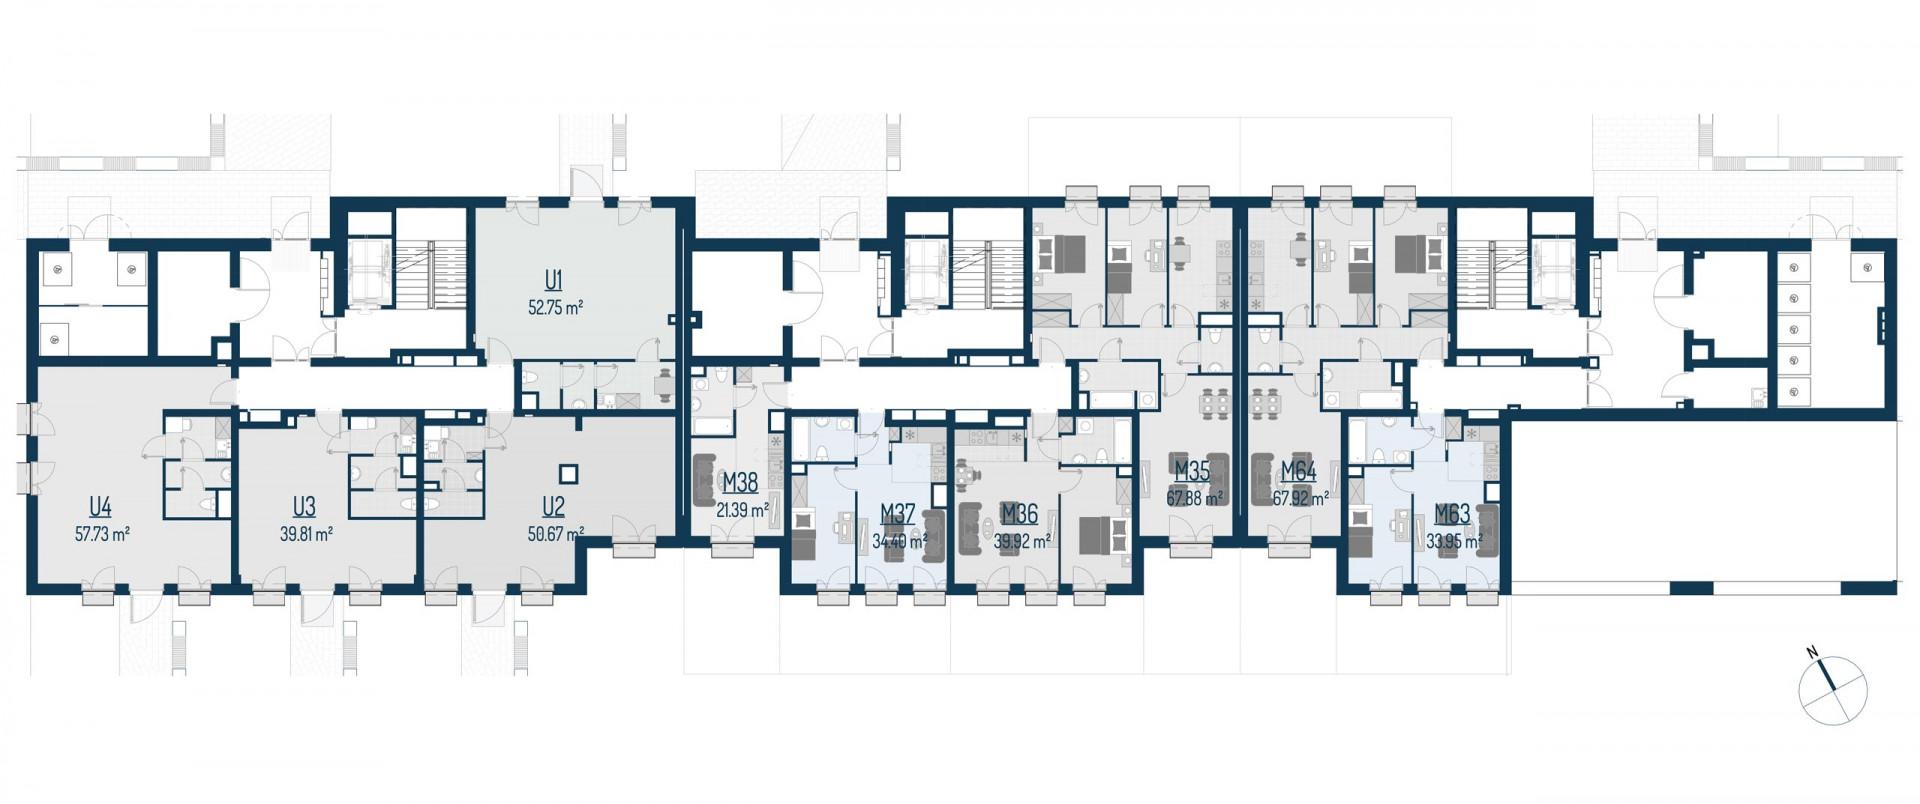 Zdrowe Stylove / budynek 1 / mieszkanie nr U2 rzut 2